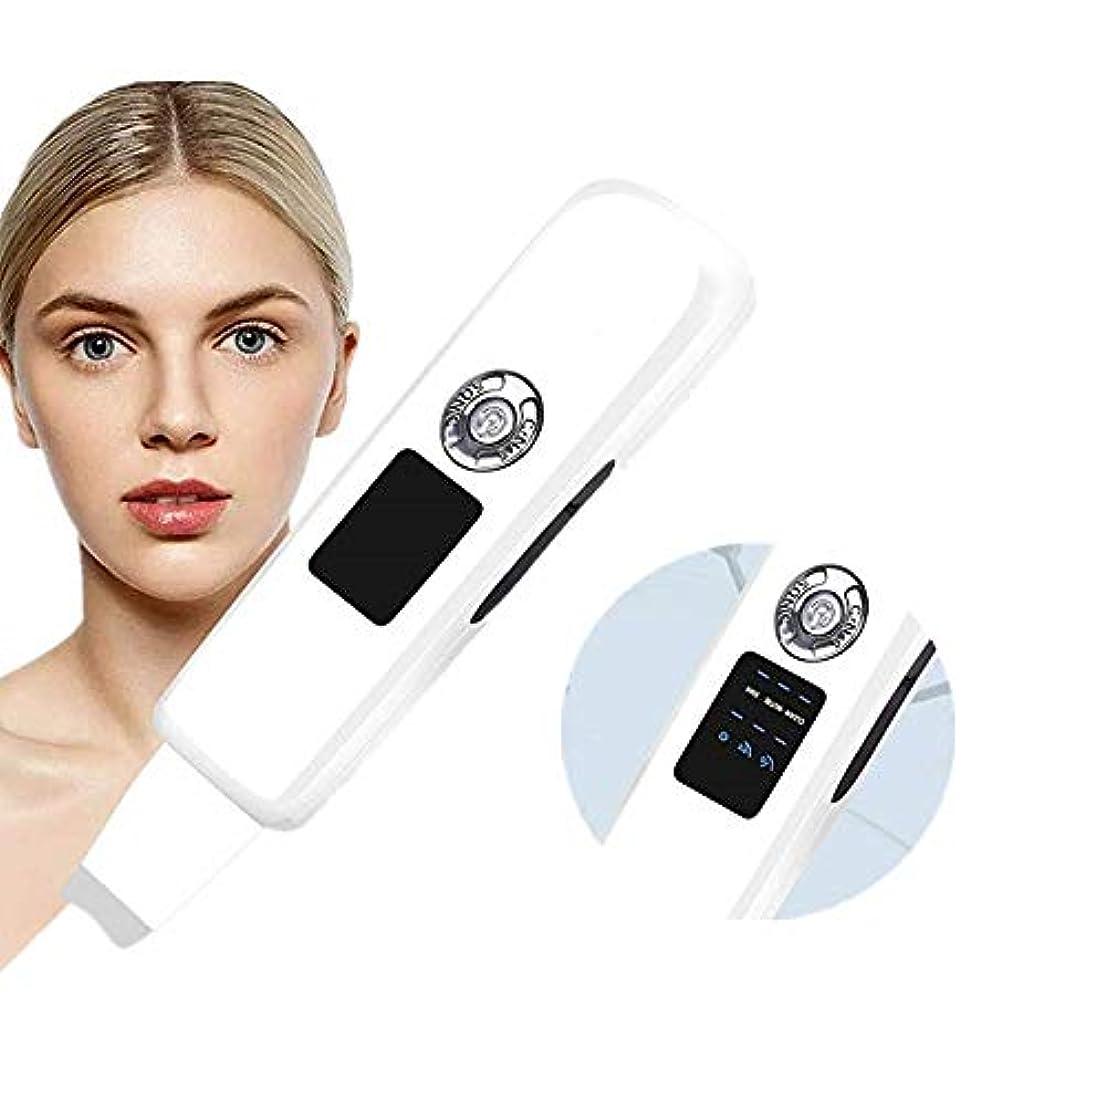 部族座標エレガント顔の皮膚スクラバー、ジェントルは男性女性ネックホワイトニングTighting若返りのためのリフティング&ファーミングツール、ブラックヘッドコメド毛穴クリーナー死んだ皮膚角質層の抽出を削除します